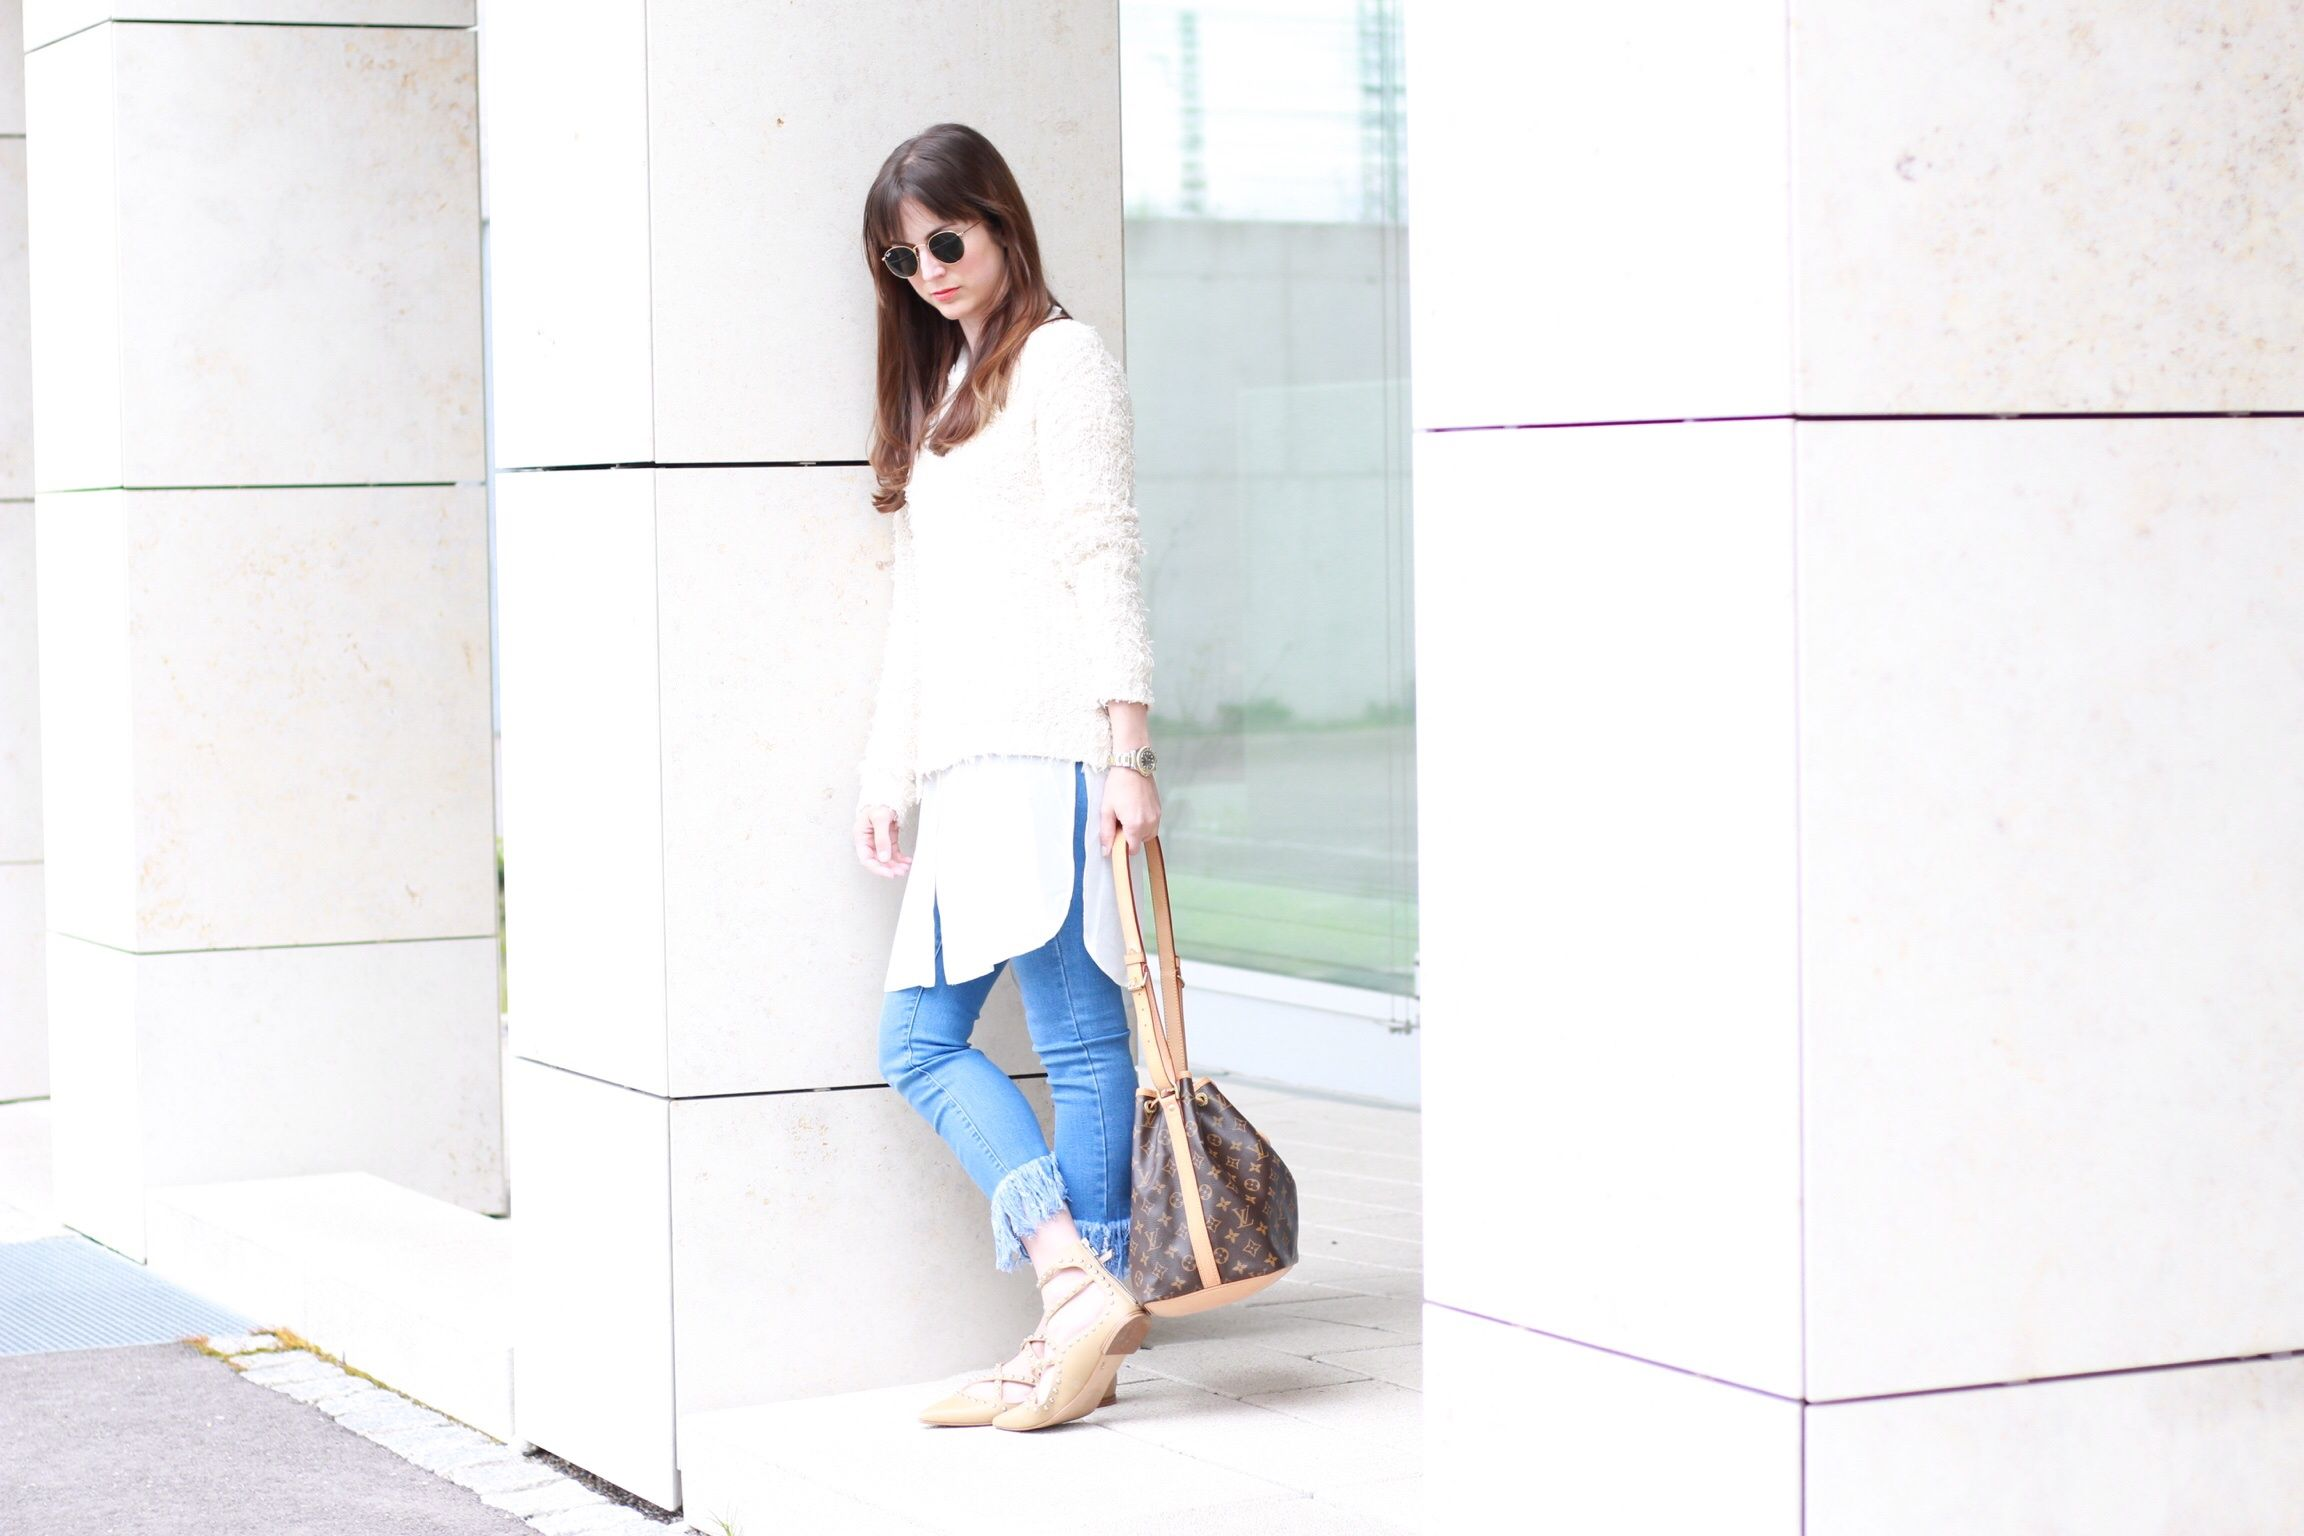 Meine neue Fringed Jeans kombiniere ich mit einem Kuschelpullover, Nietenballerinas und einer Longbluse sowie meiner Louis Vuitton Noe Bucket Bag und einer runden Sonnenbrille von Ray Ban